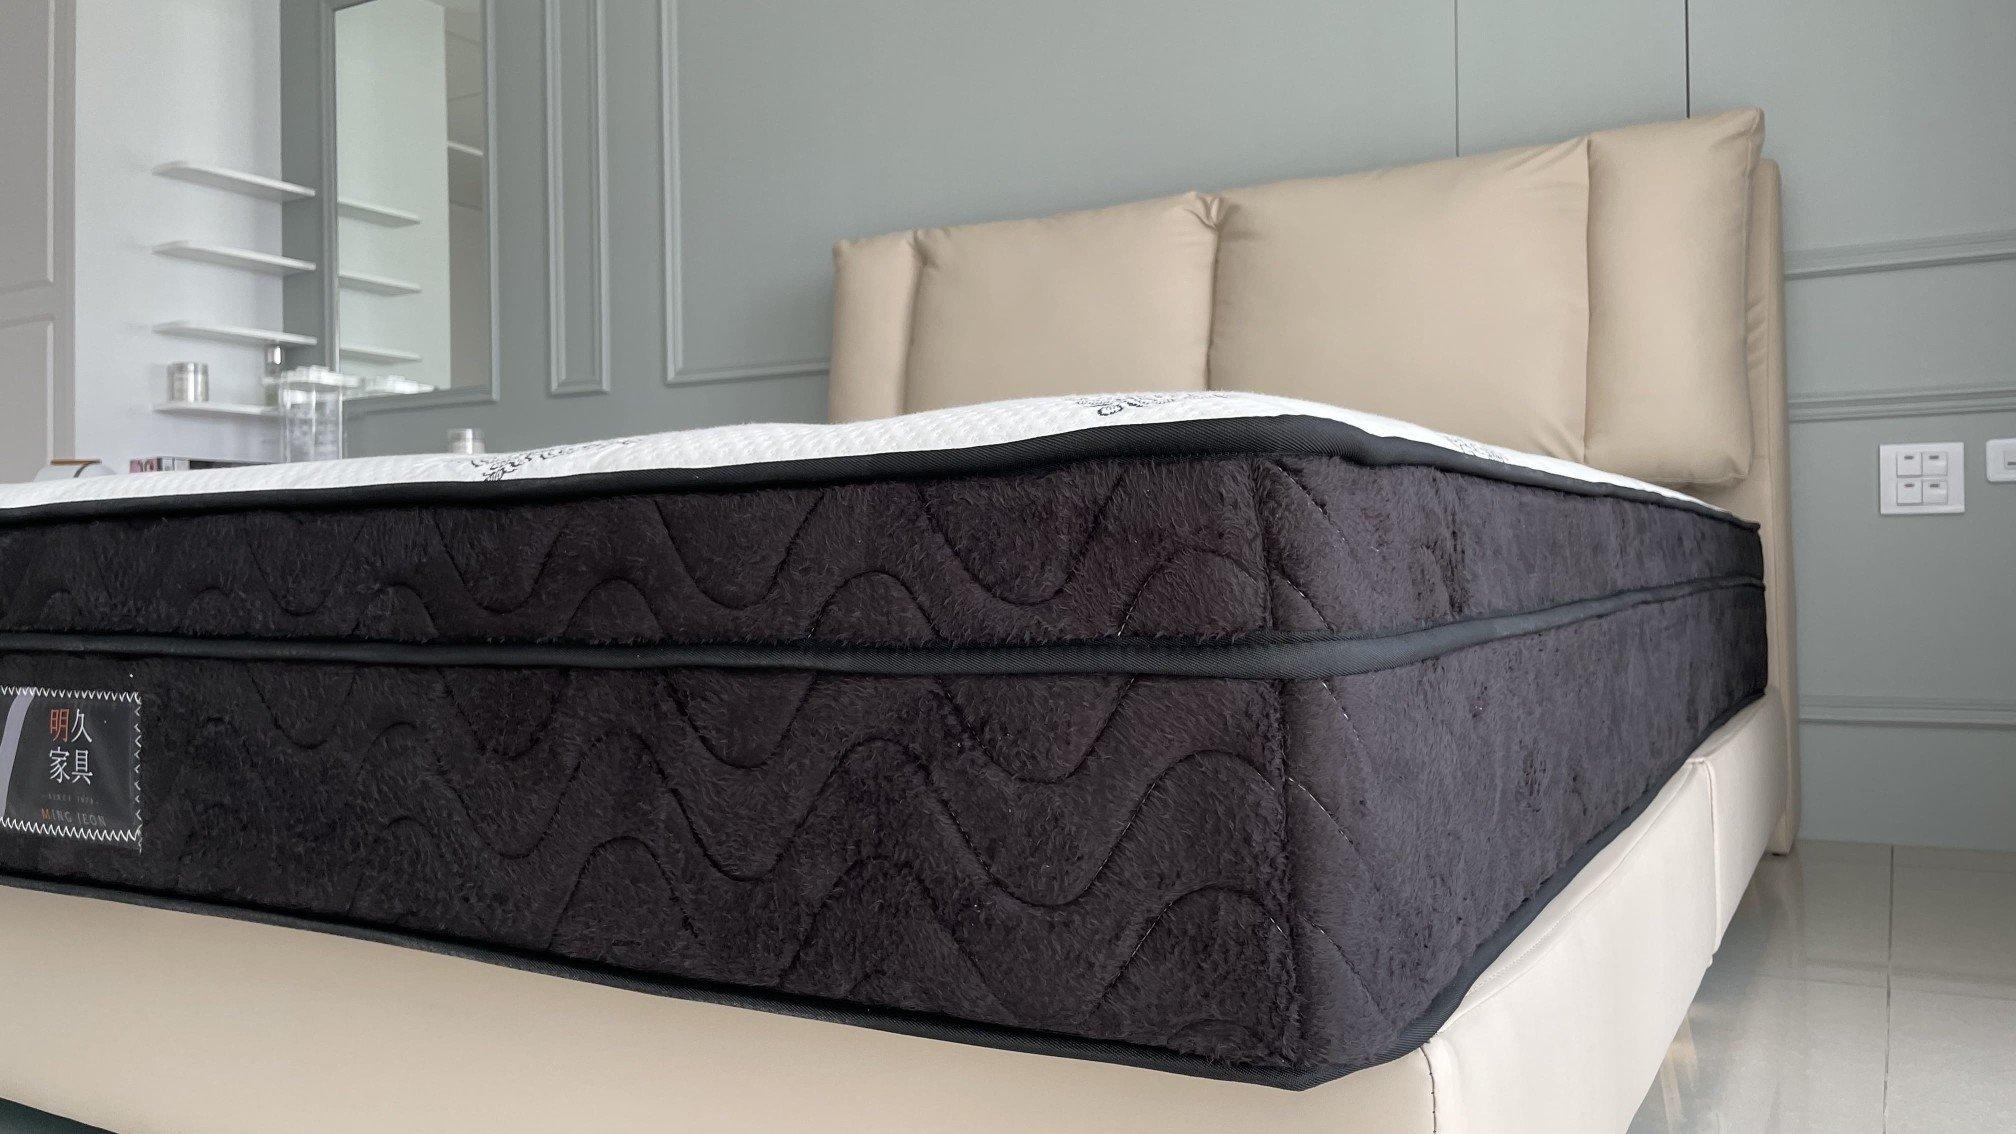 奧莉芙有PU護框設計,使床沿不易塌陷,上下床更安全